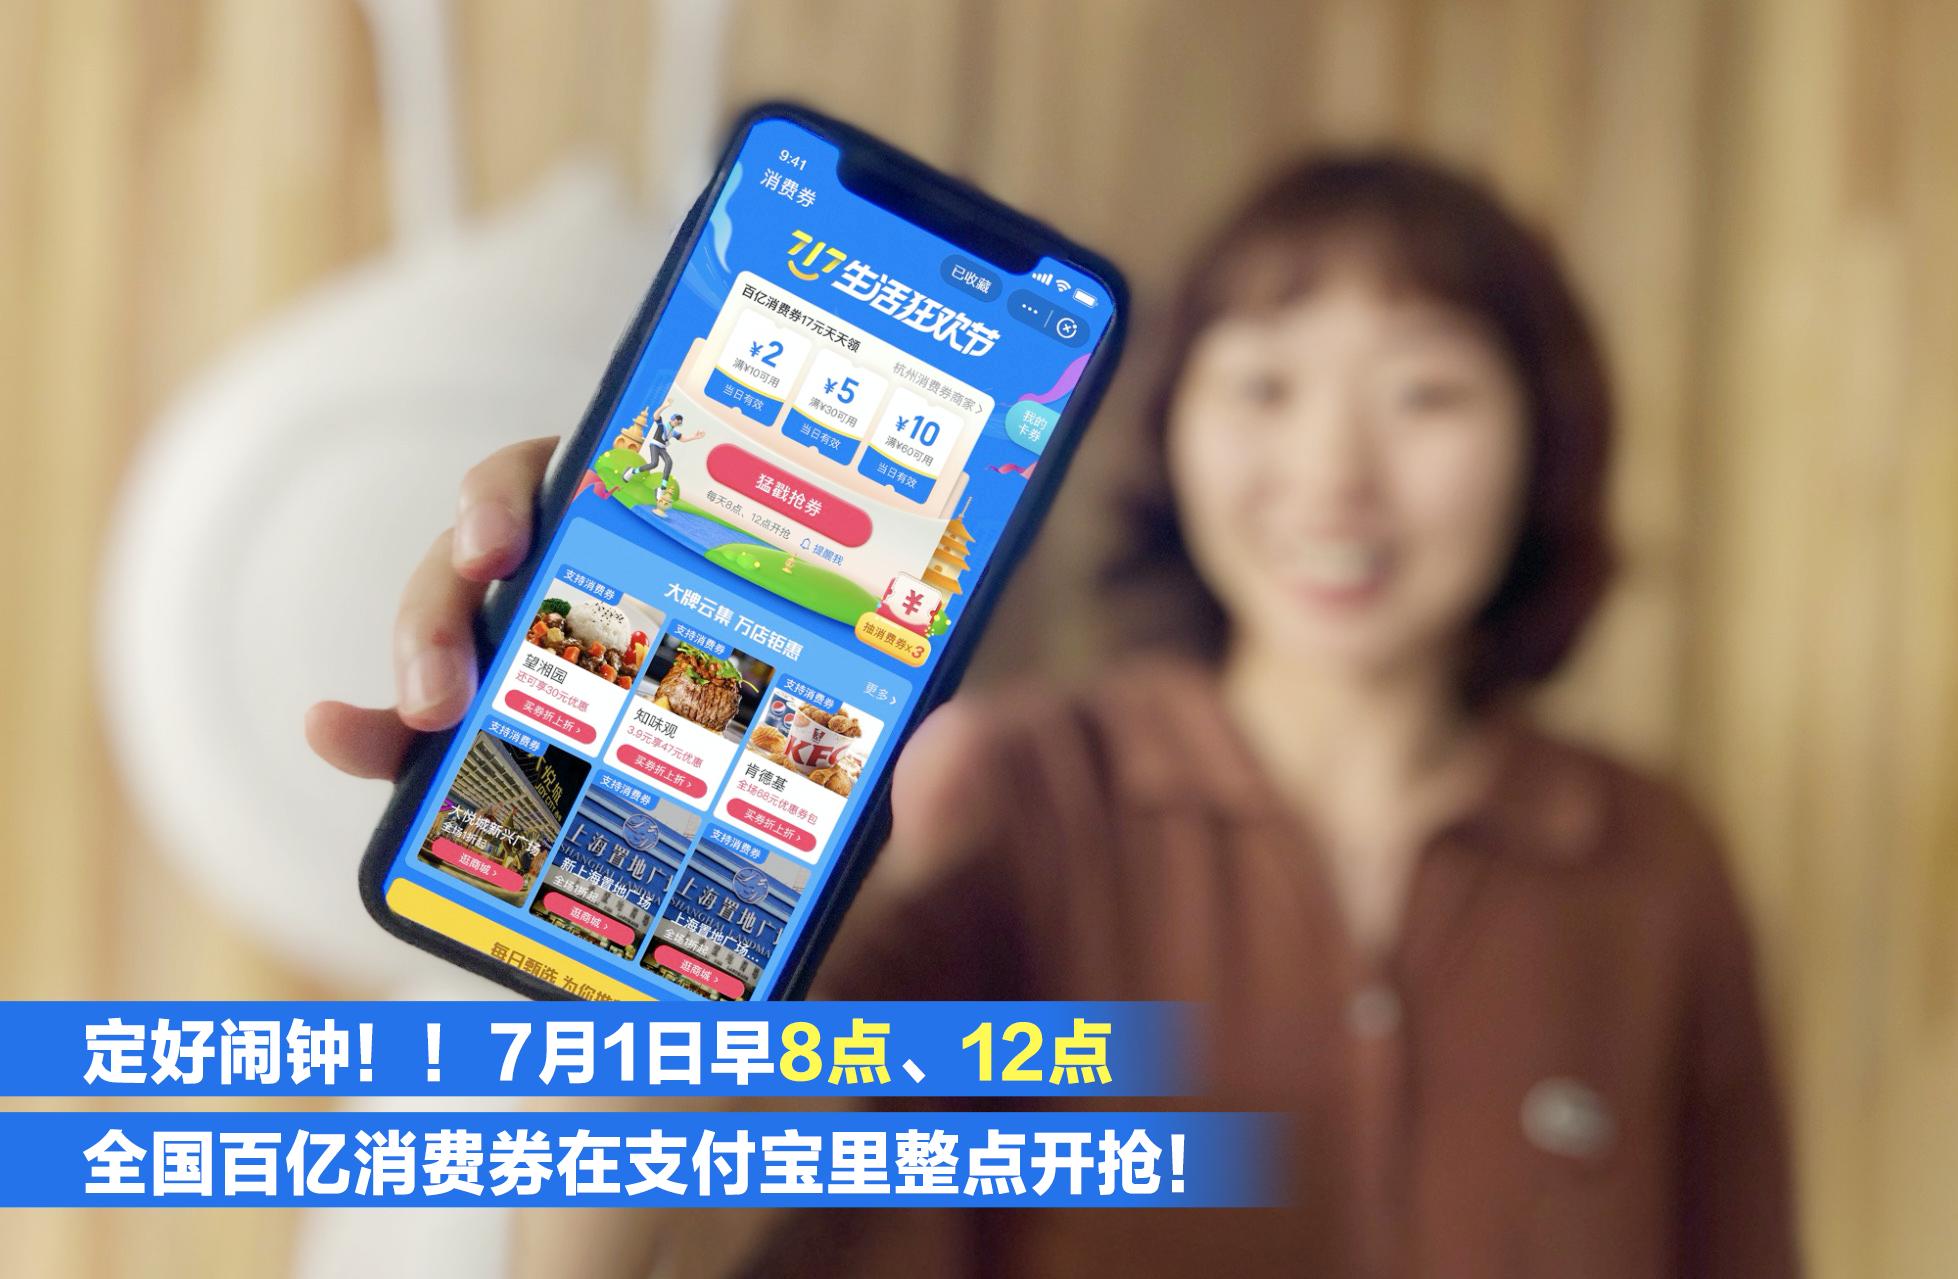 号外!全国通用消费券7月1日上午开抢!郑州20多万商家参与!连抢17天!